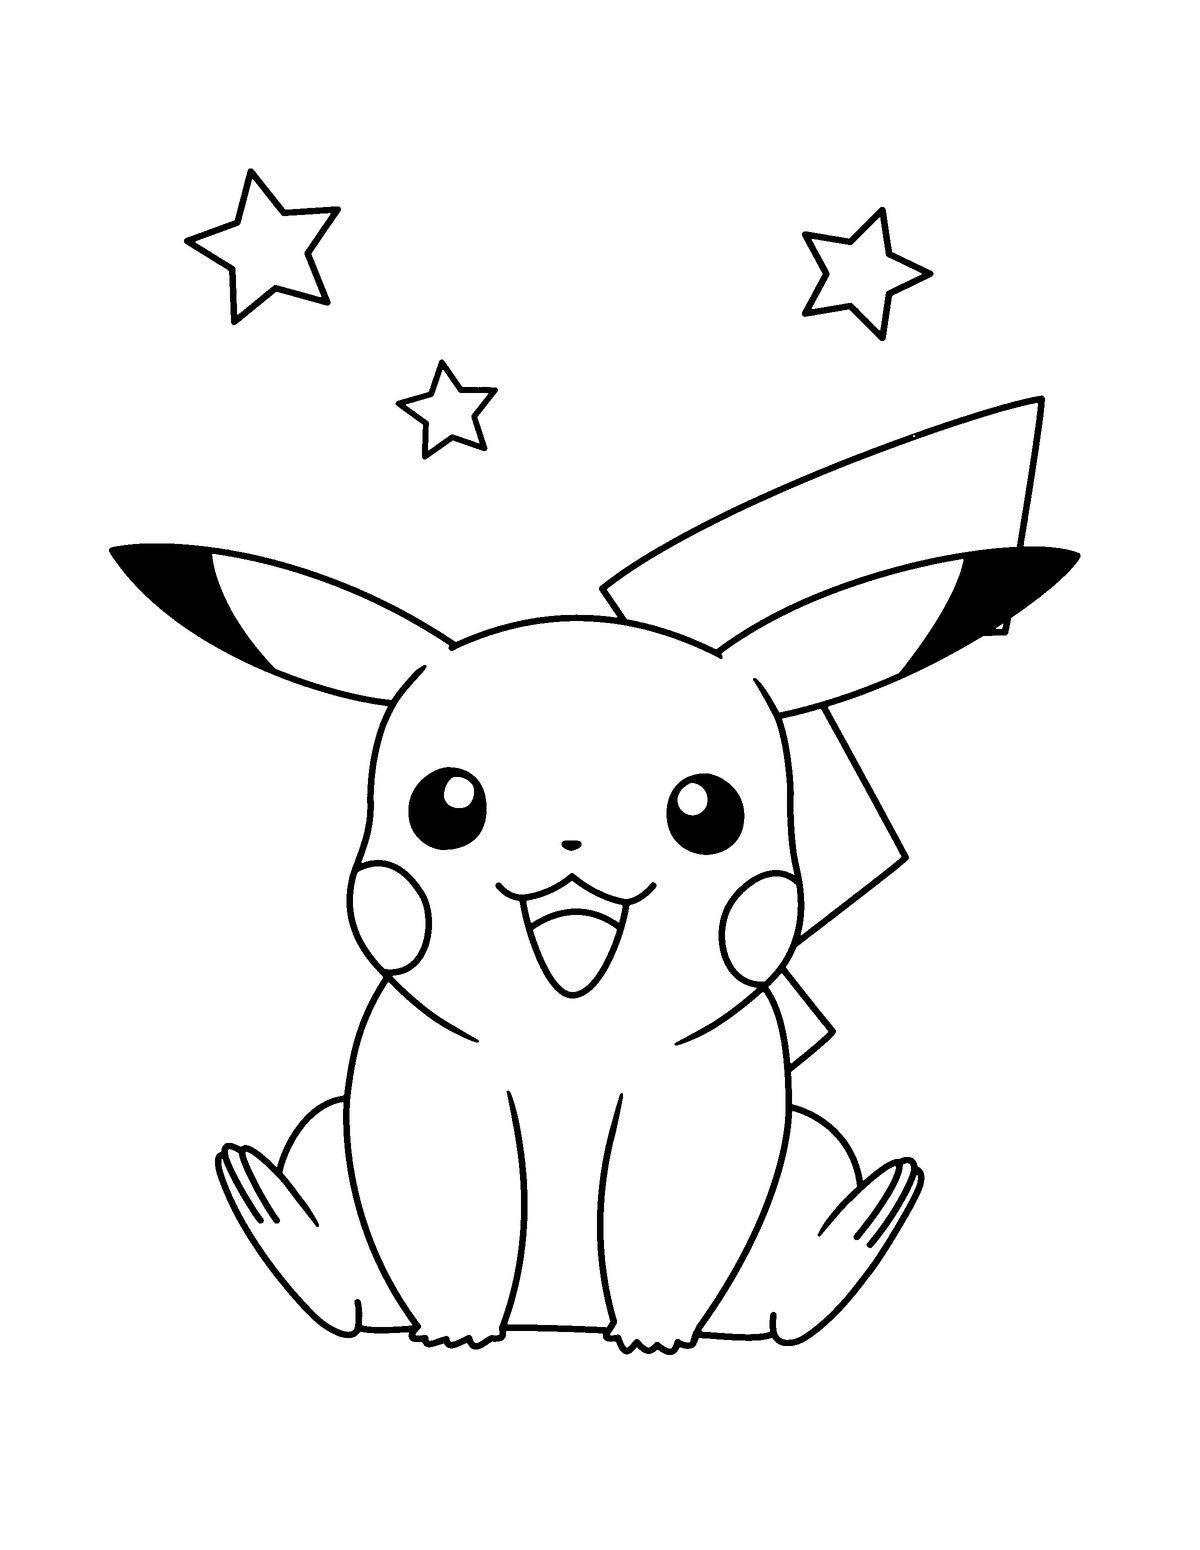 Pin De Merry Favro Em Art Em 2020 Desenhos Para Colorir Pokemon